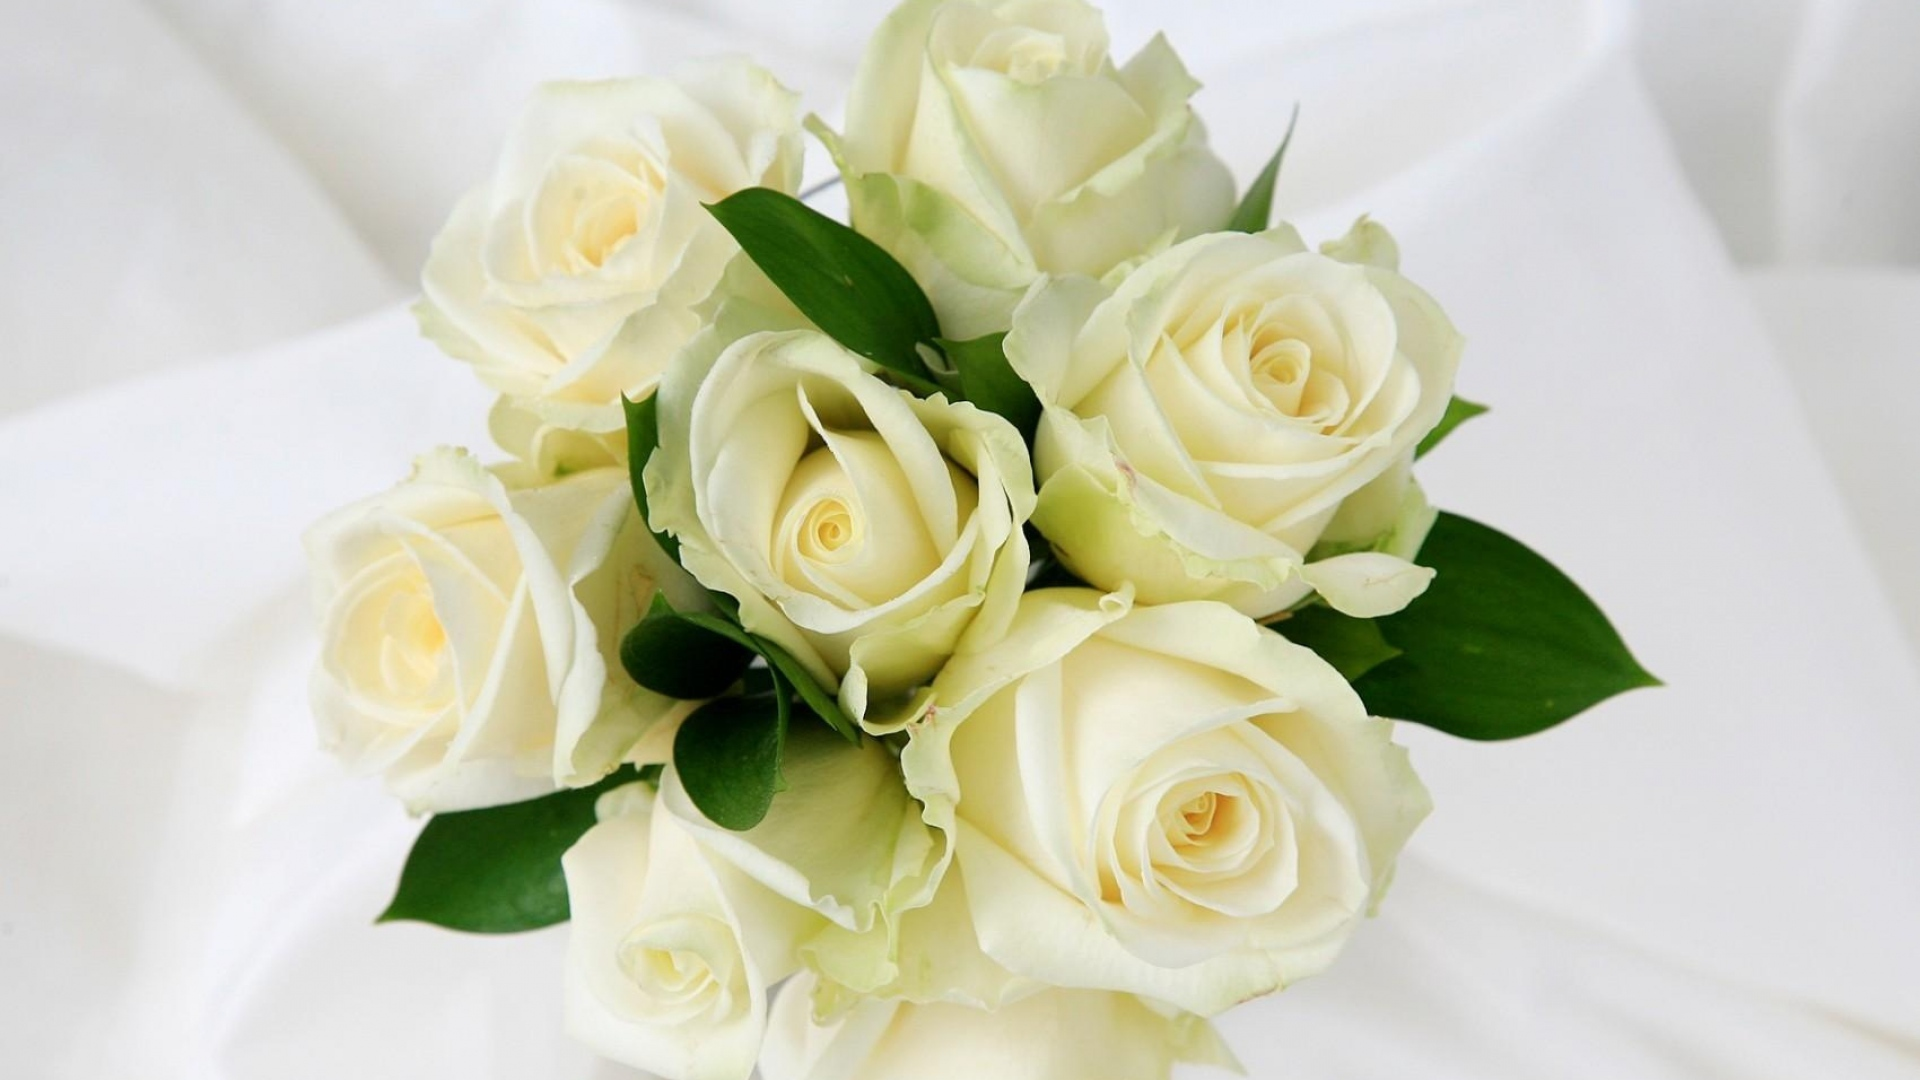 Цветы розы красивые на белом